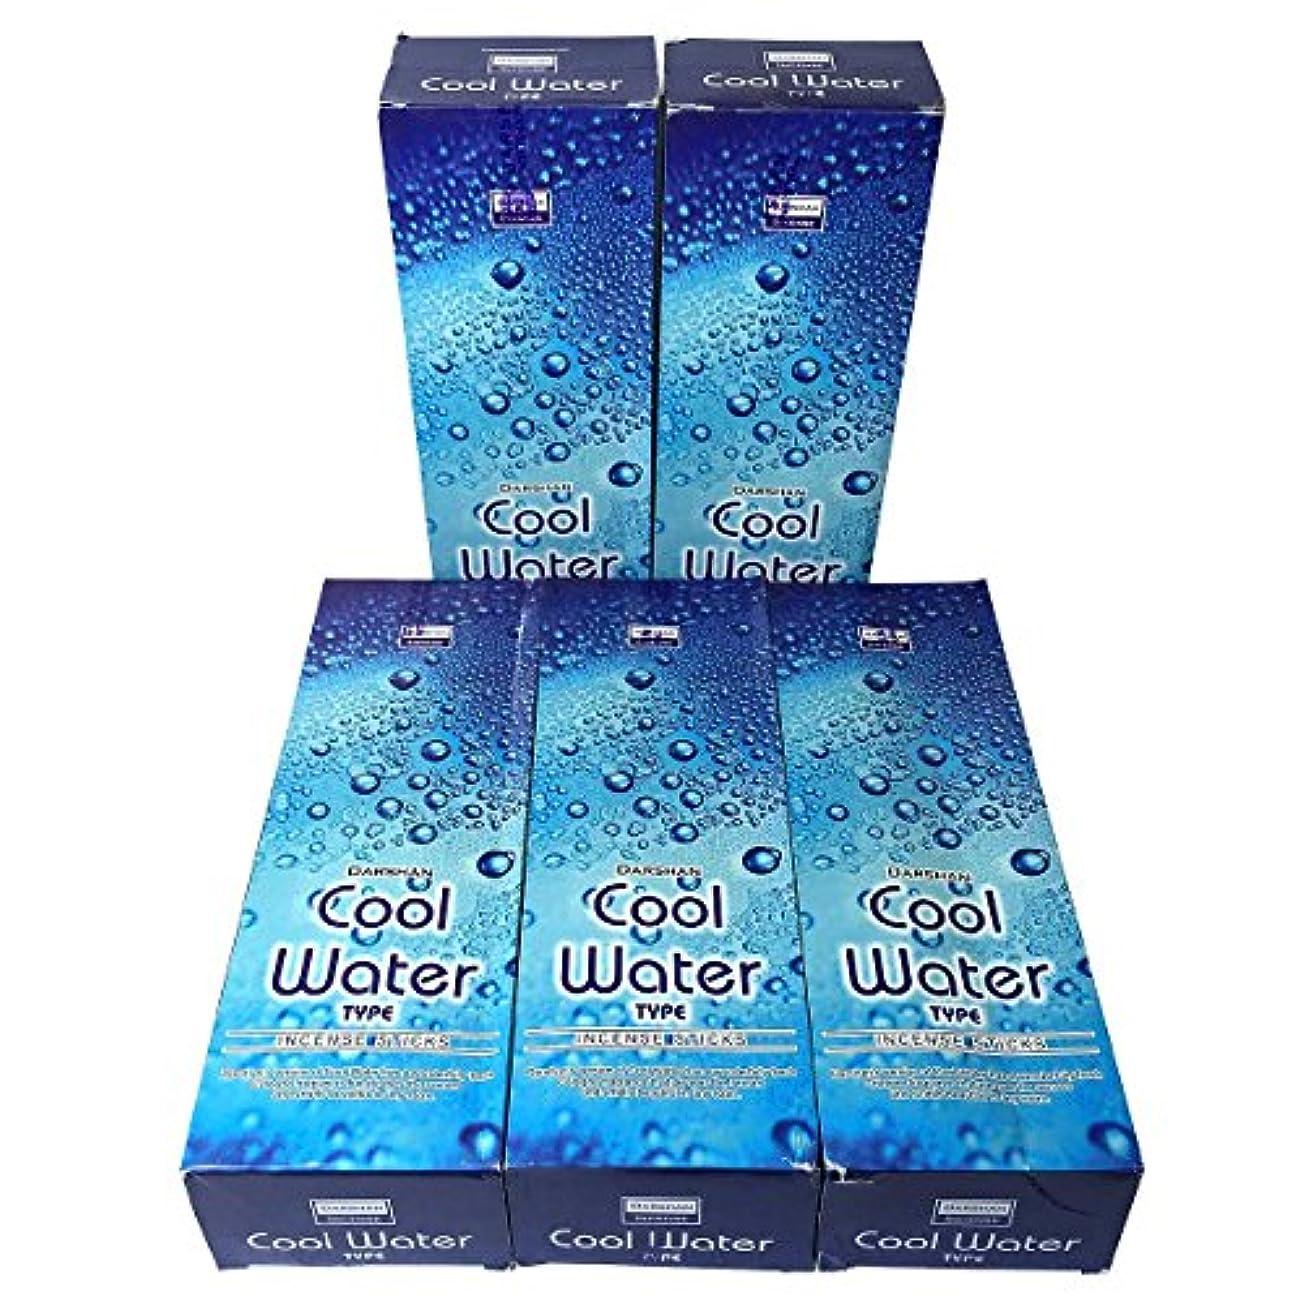 屈辱する行動護衛クールウォーター香スティック 5BOX(30箱)/DARSHAN COOL WATER/ インド香 / 送料無料 [並行輸入品]